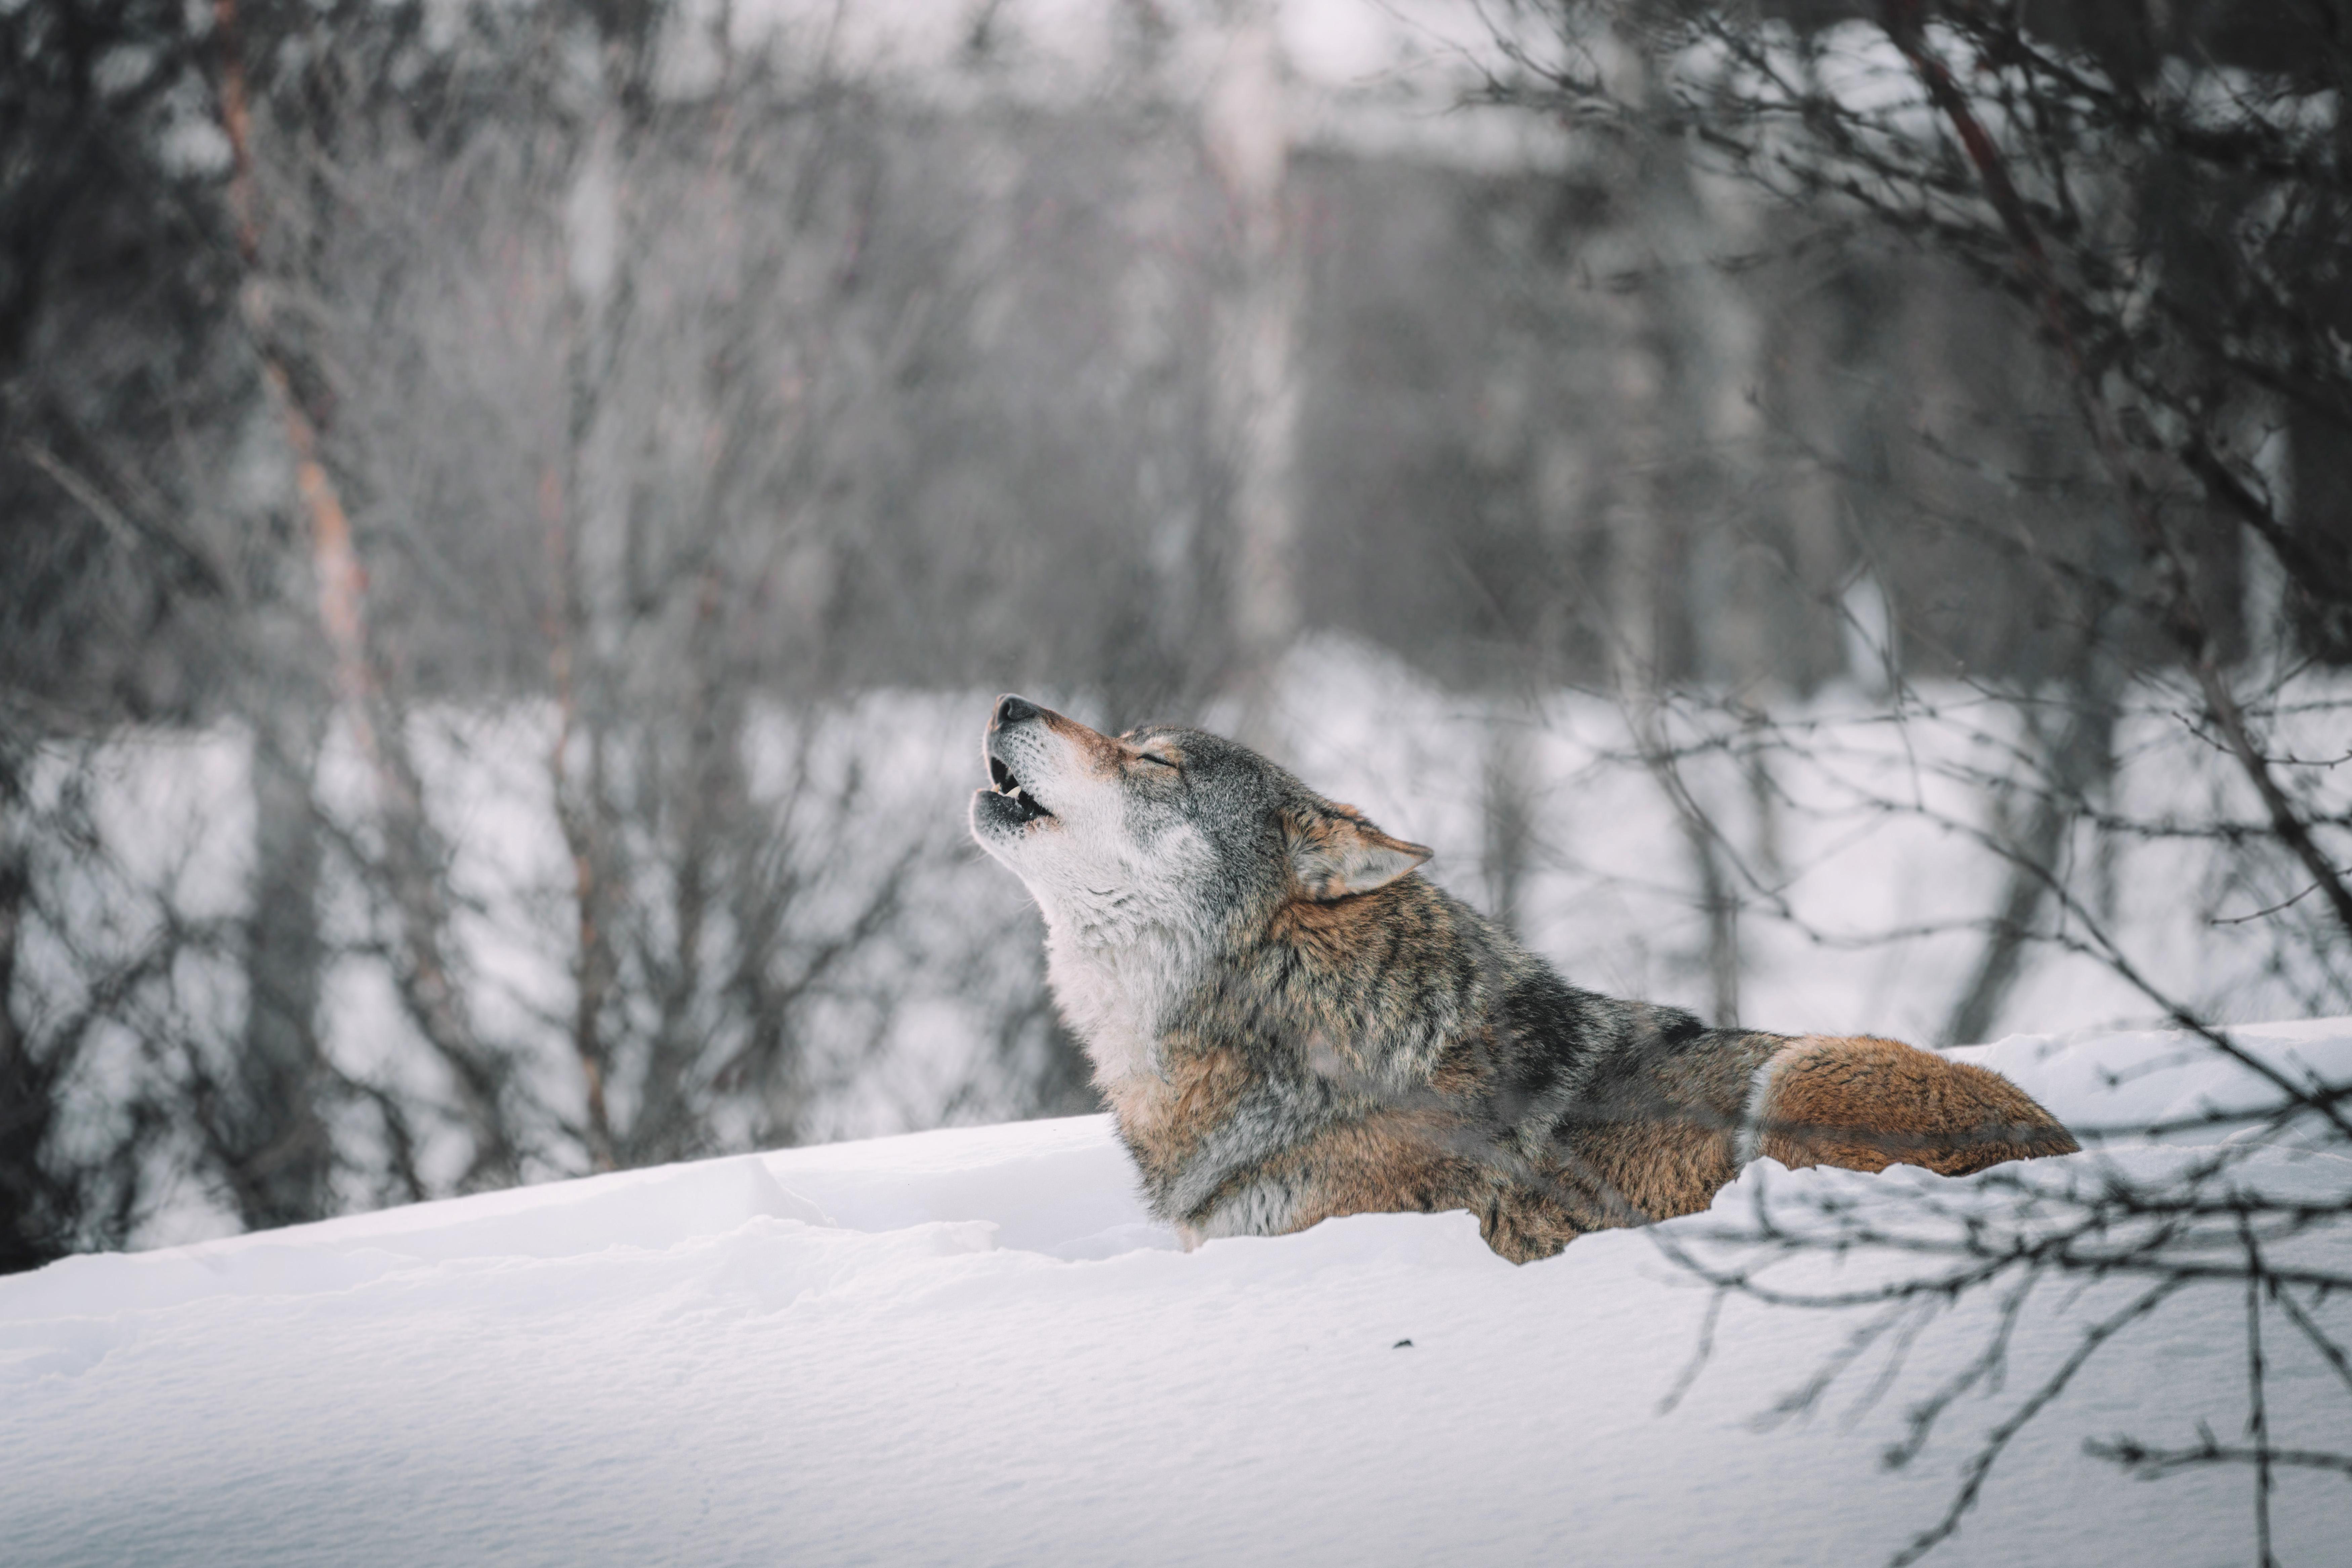 105498 скачать обои Животные, Волк, Вой, Хищник, Снег, Дикая Природа - заставки и картинки бесплатно